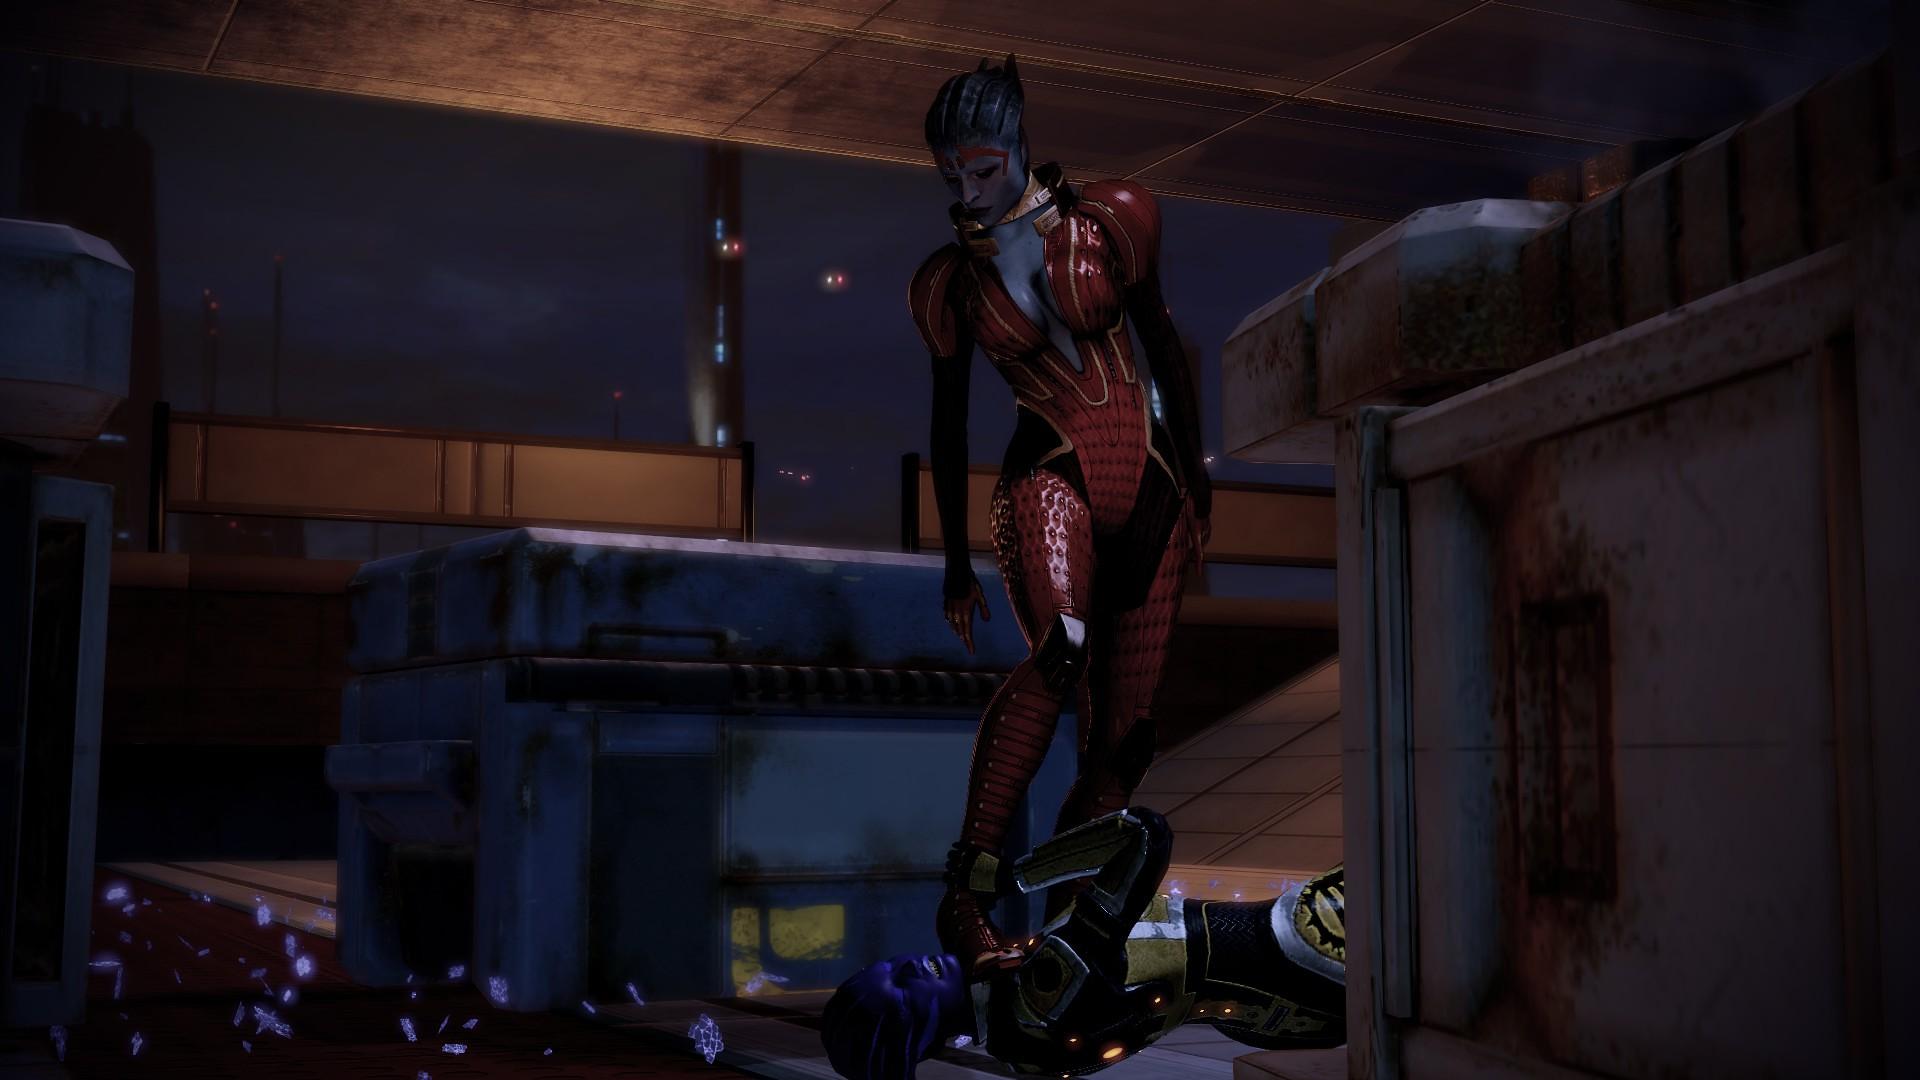 11977398954_65e7d1cb6b_k.jpg - Mass Effect 2